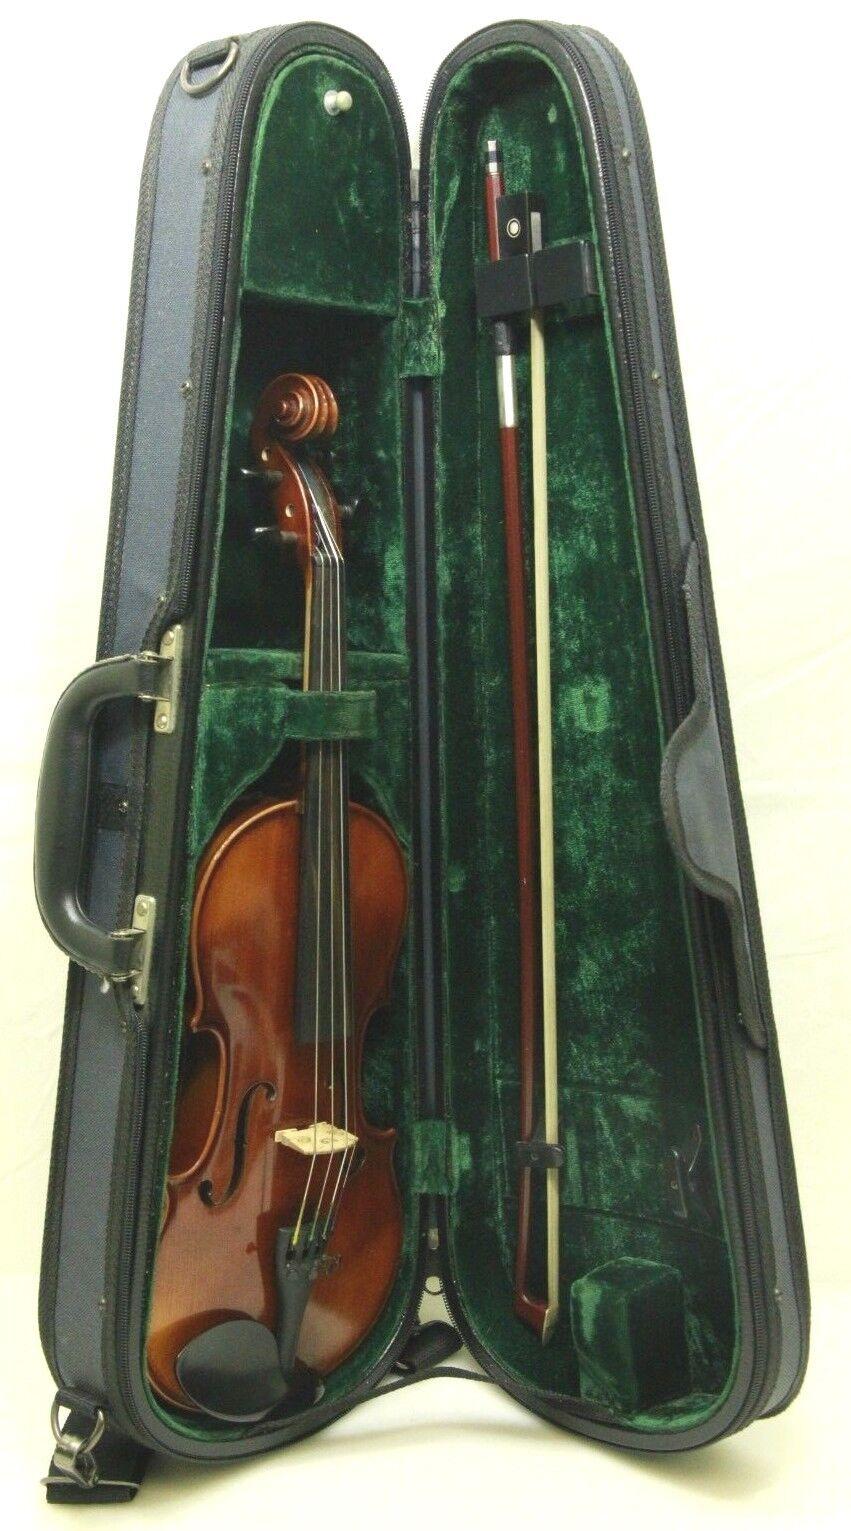 2008 H.K. Schmidt Modelo 275  13111V 1 1 1 4 Violin Con Arco Y Estuche-Envío Gratis  descuento